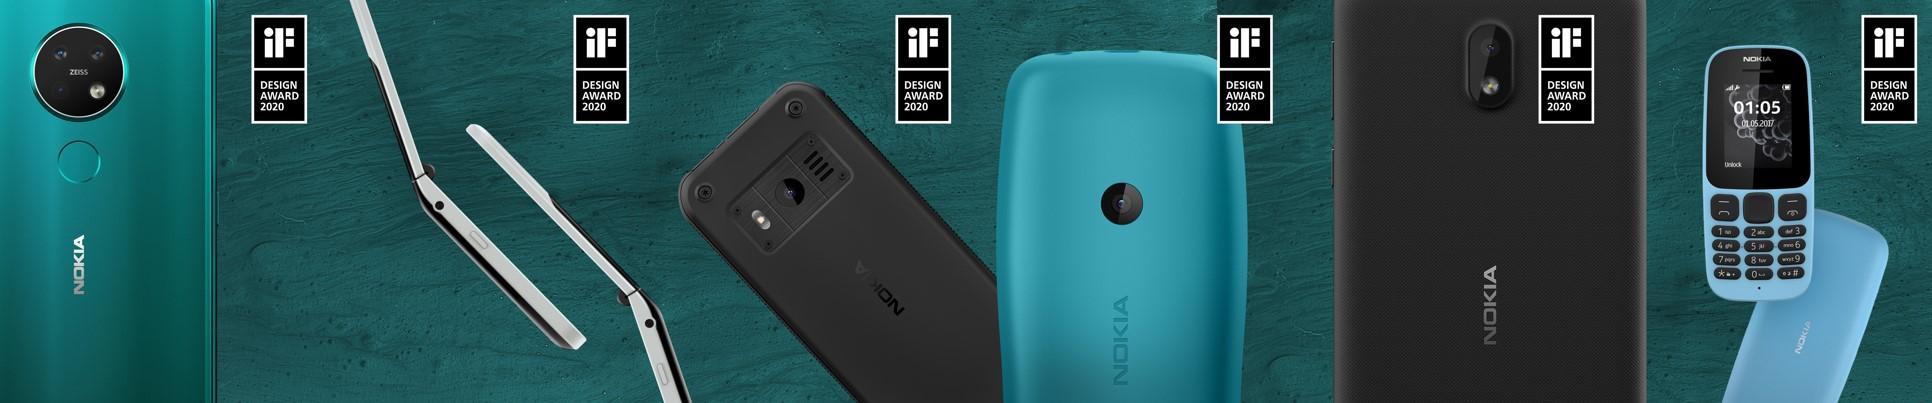 Nokia Phones iF DESIGN AWARD